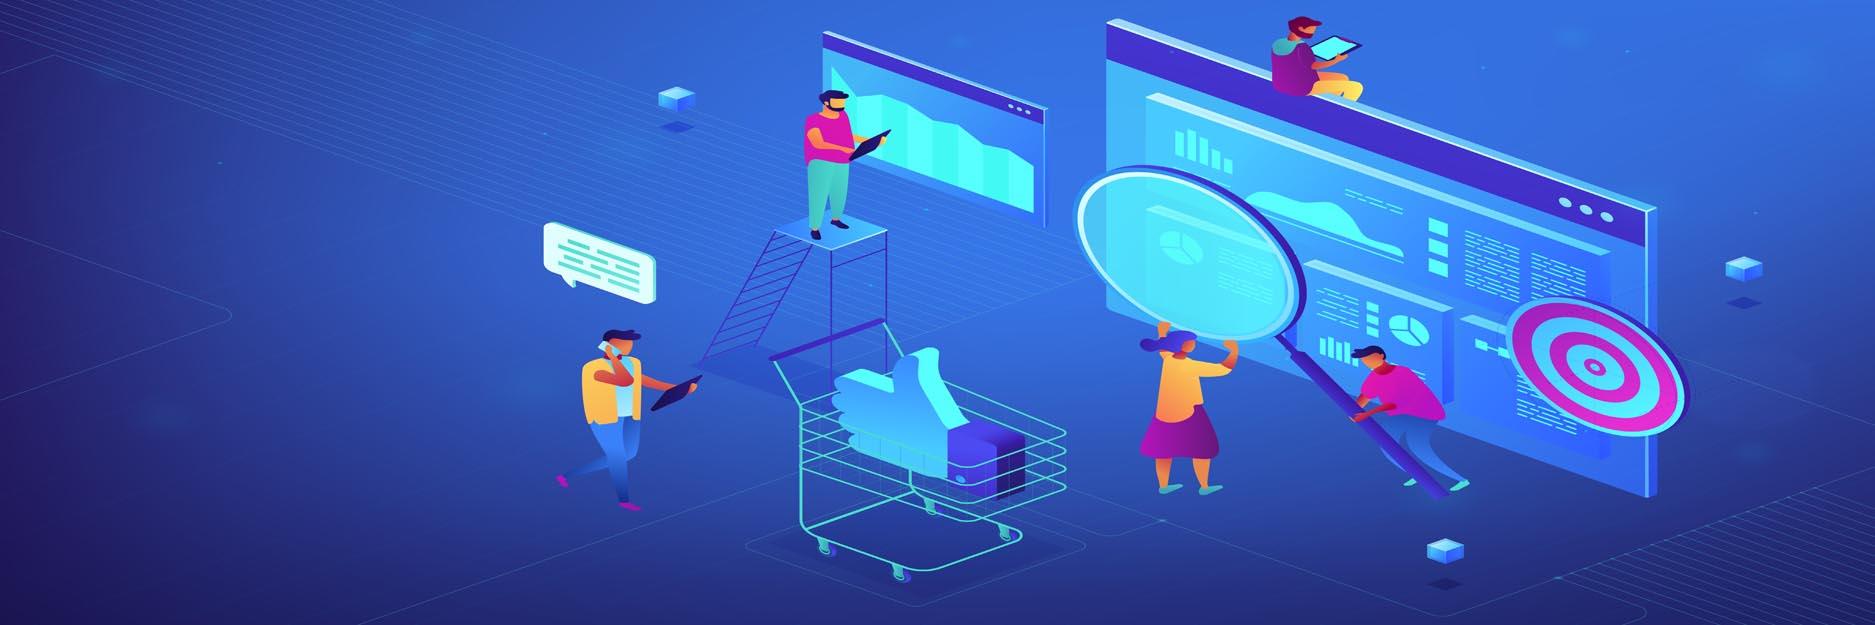 Houston Digital Marketing Company